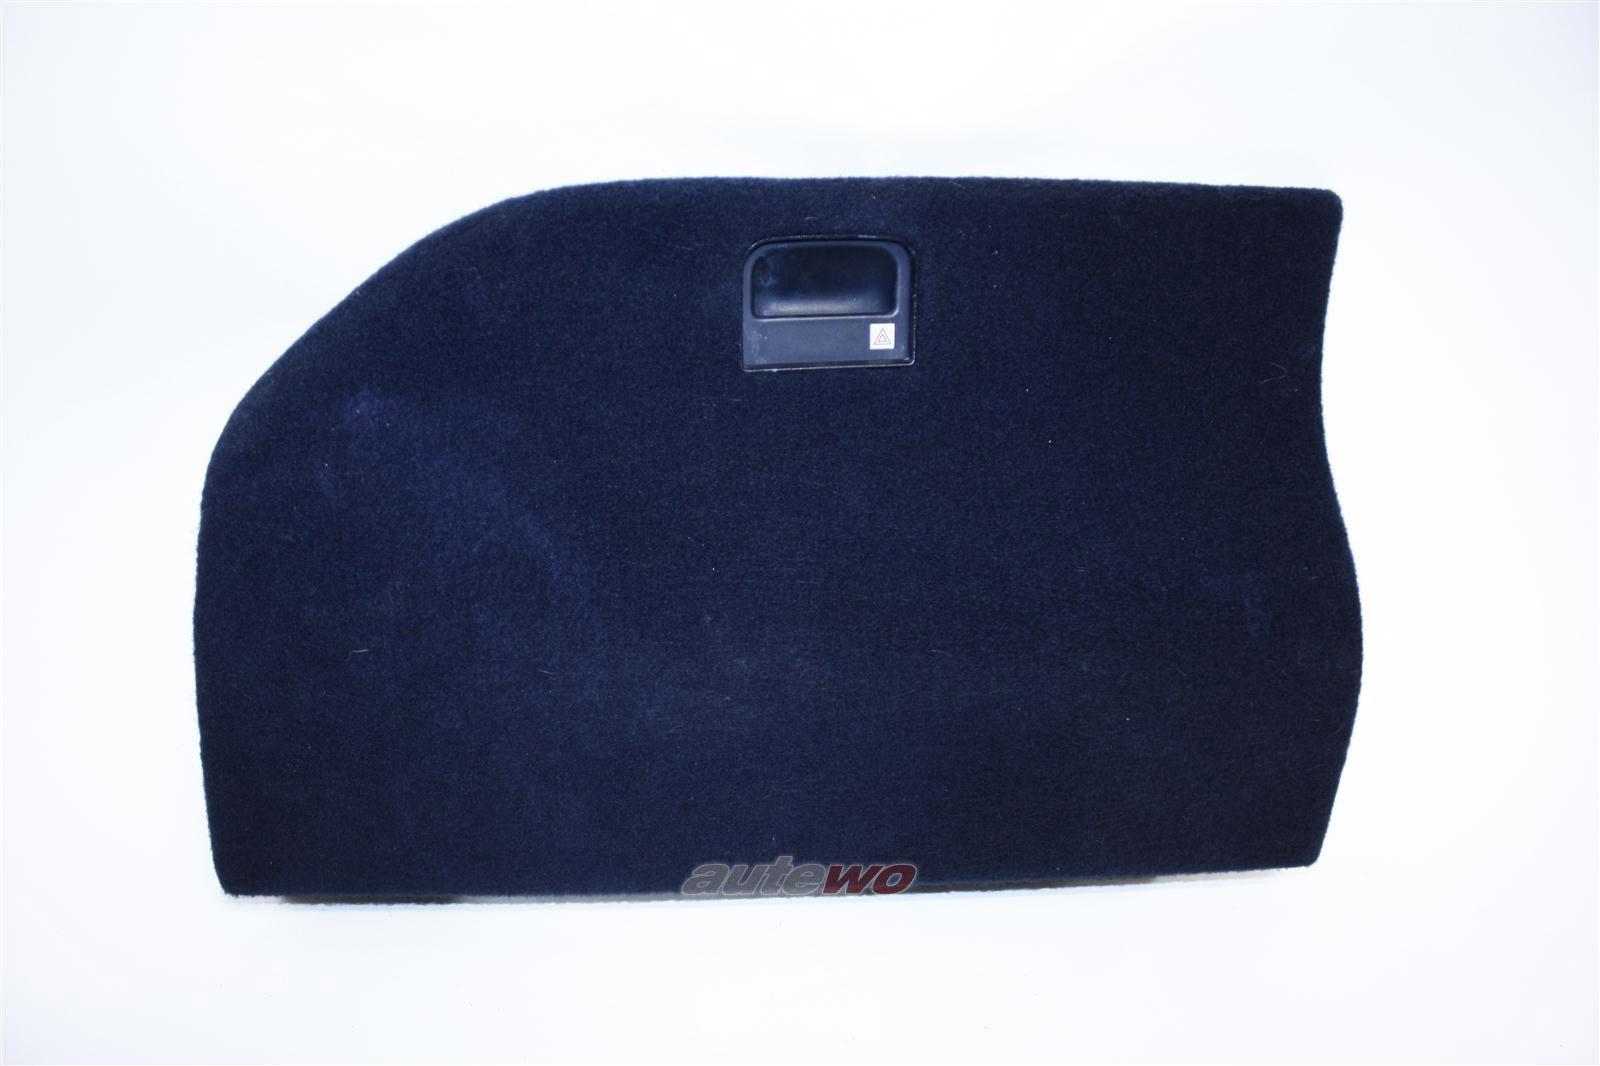 Audi 100/A6 C4 Avant Deckel Kofferraumverkleidung Links anthrazit 4A9863715